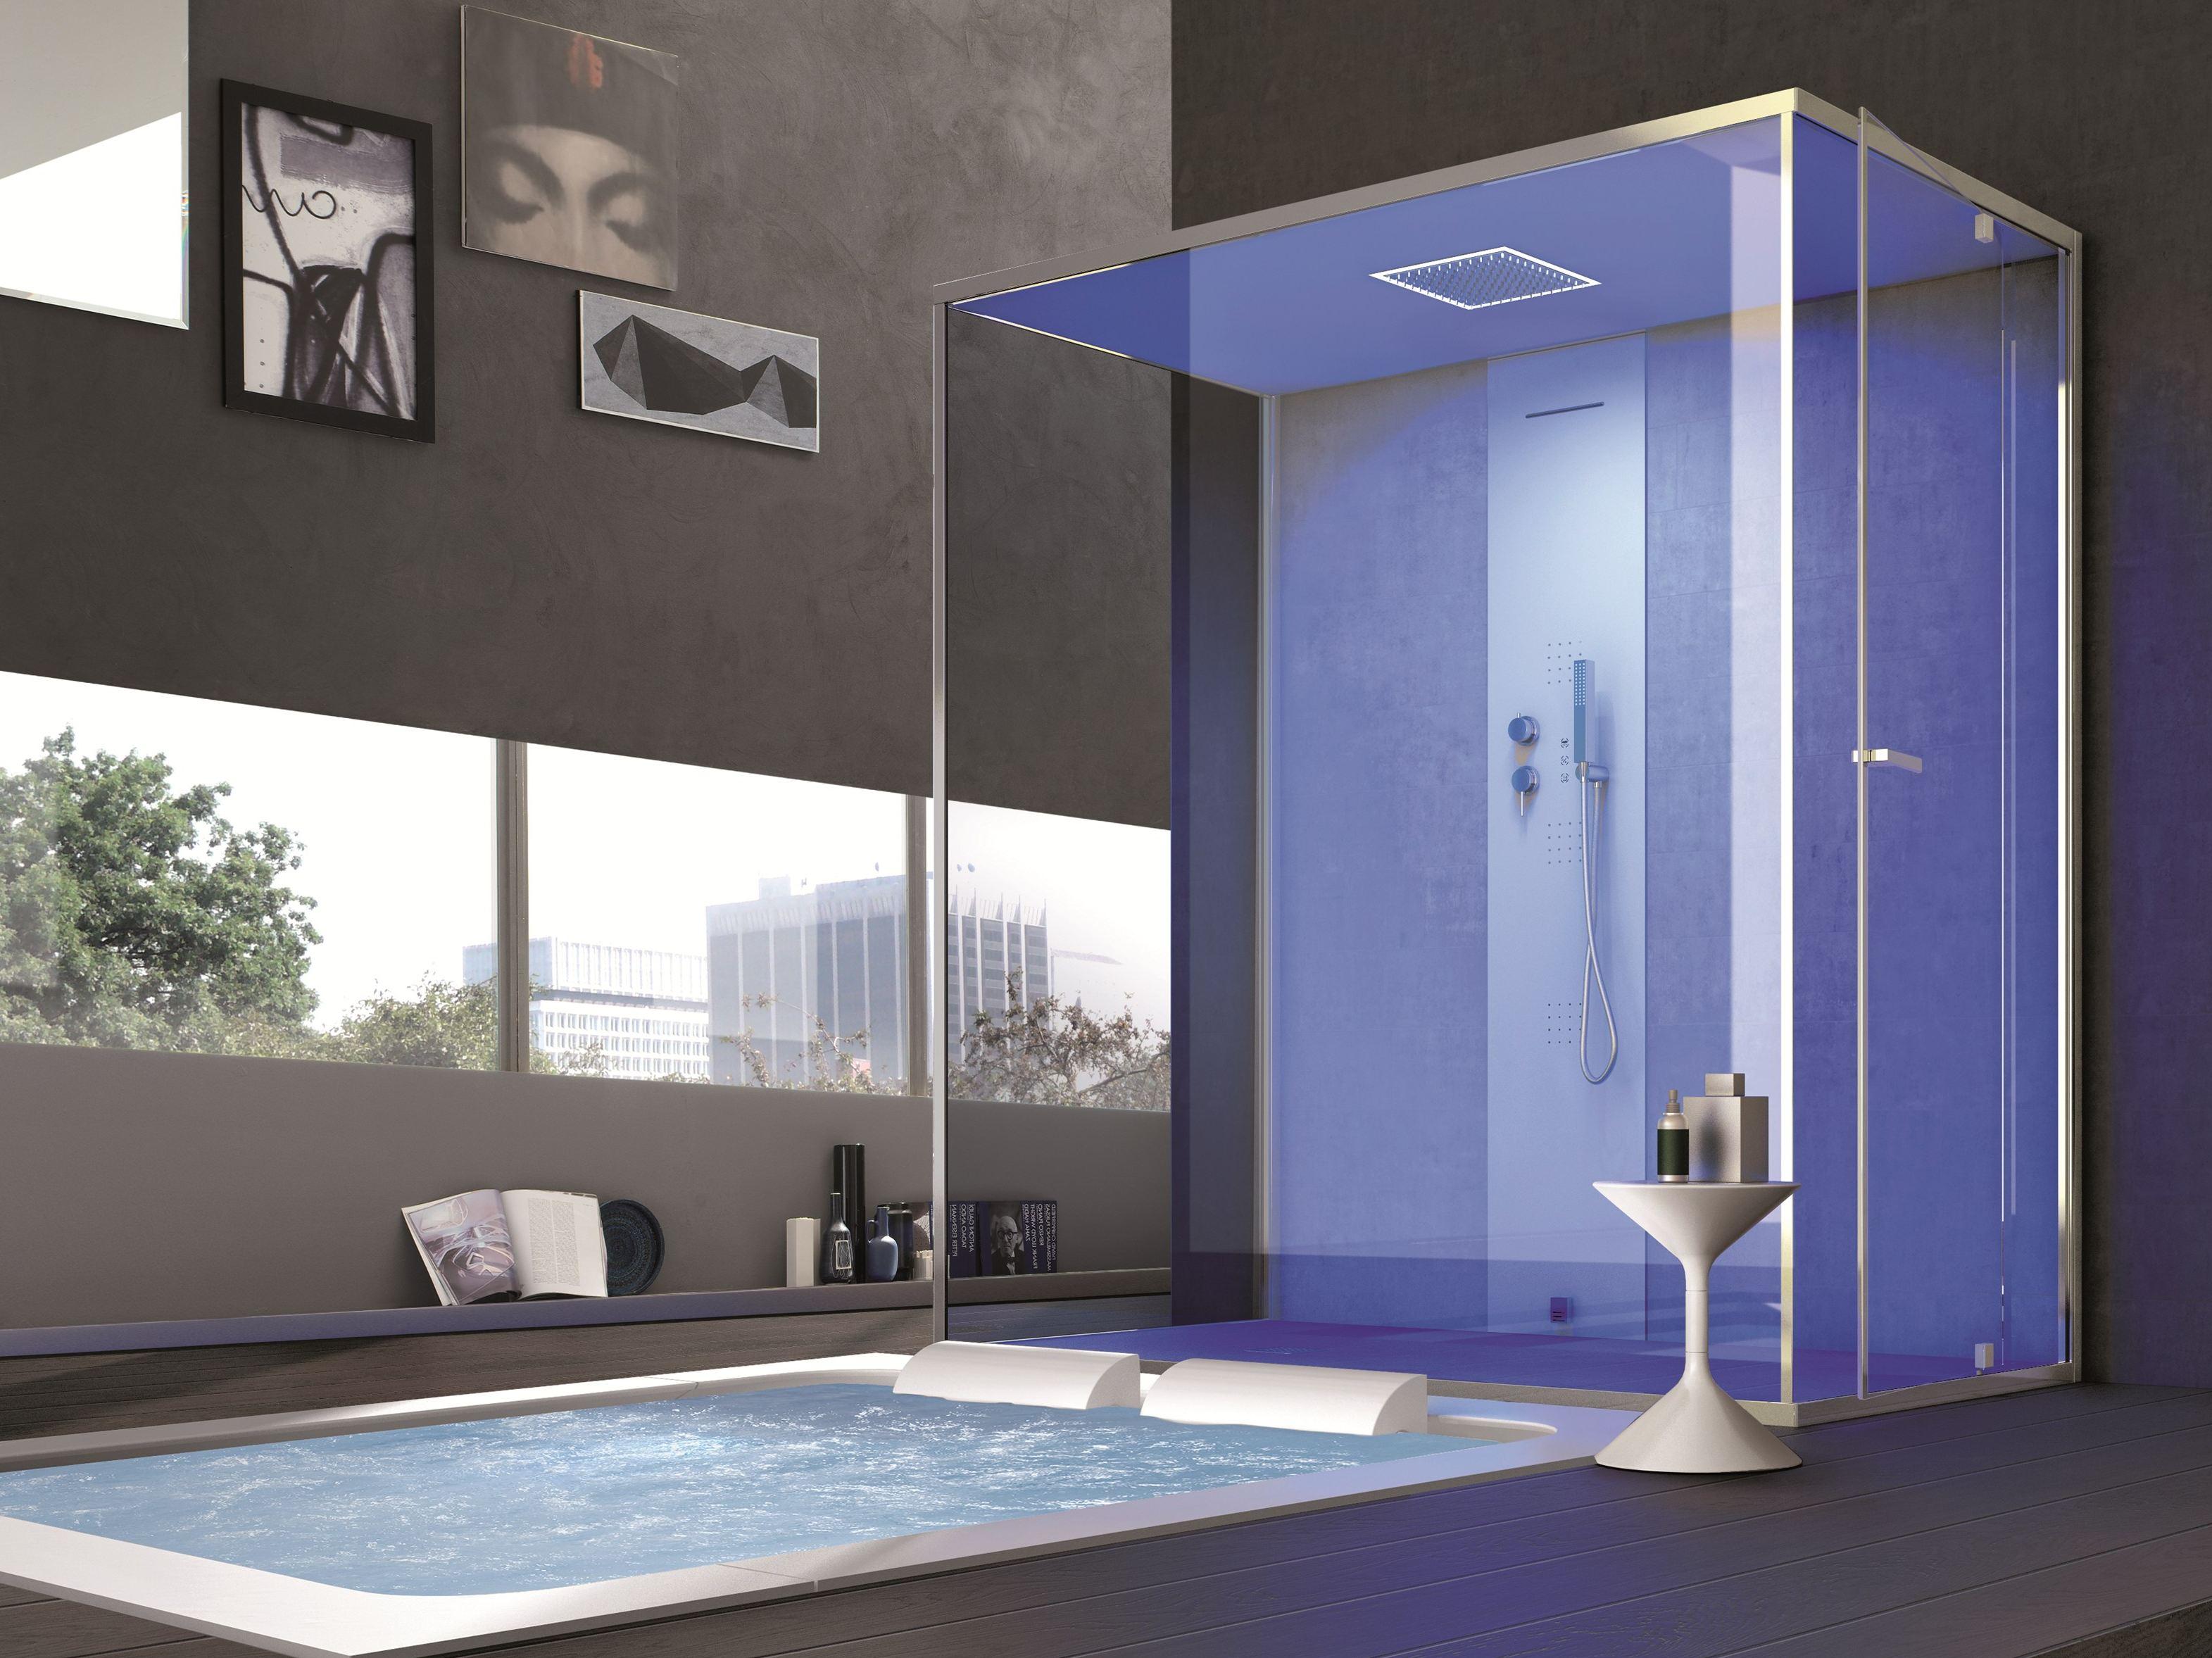 Hafro  Douche Hamman et sauna de luxe pour votre salle de bain  Tous les articles